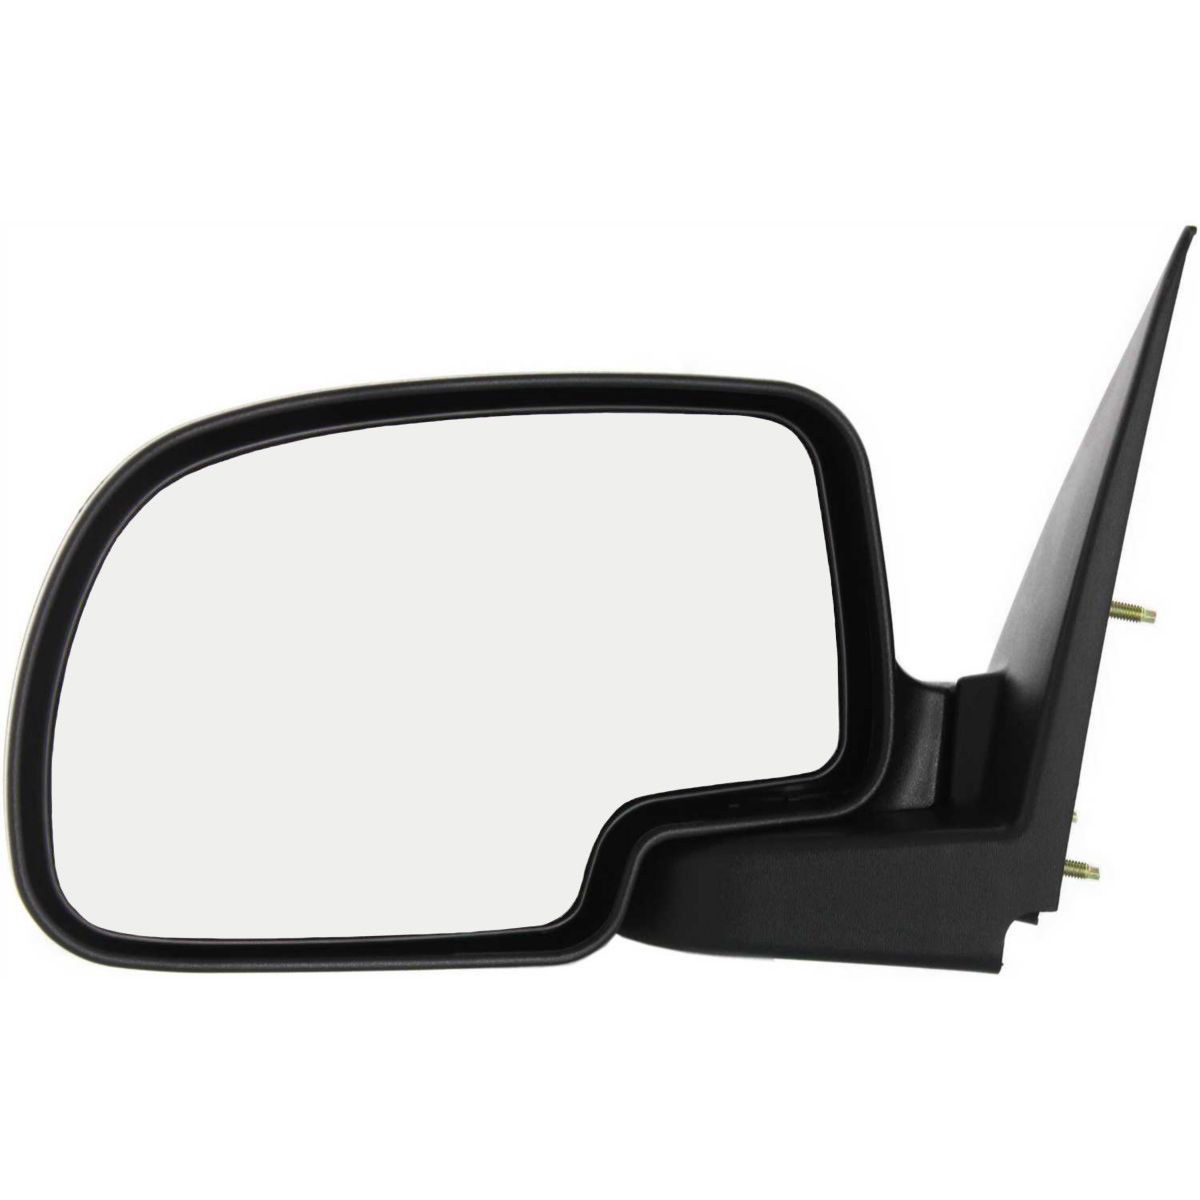 ミラー New Driver/Left Side Manual Door Mirror for Chevrolet Silverado 1500 1999-2007 Chevrolet Silverado 1500用の新しいドライバー/左側サイドドアミラー1999-2007